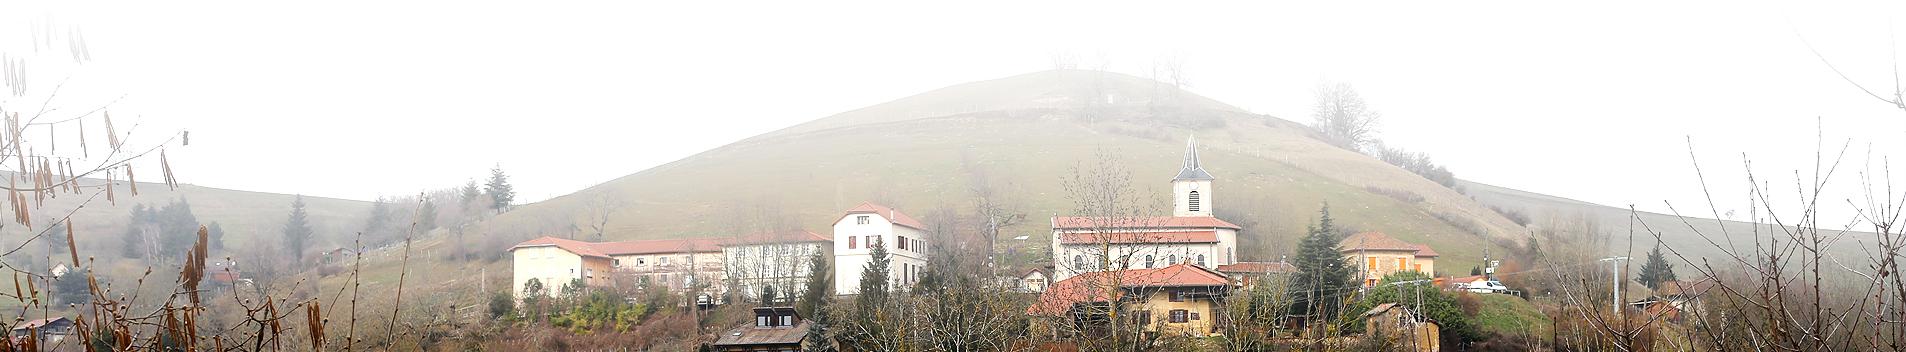 Saint-Michel-de-Saint-Geoirs